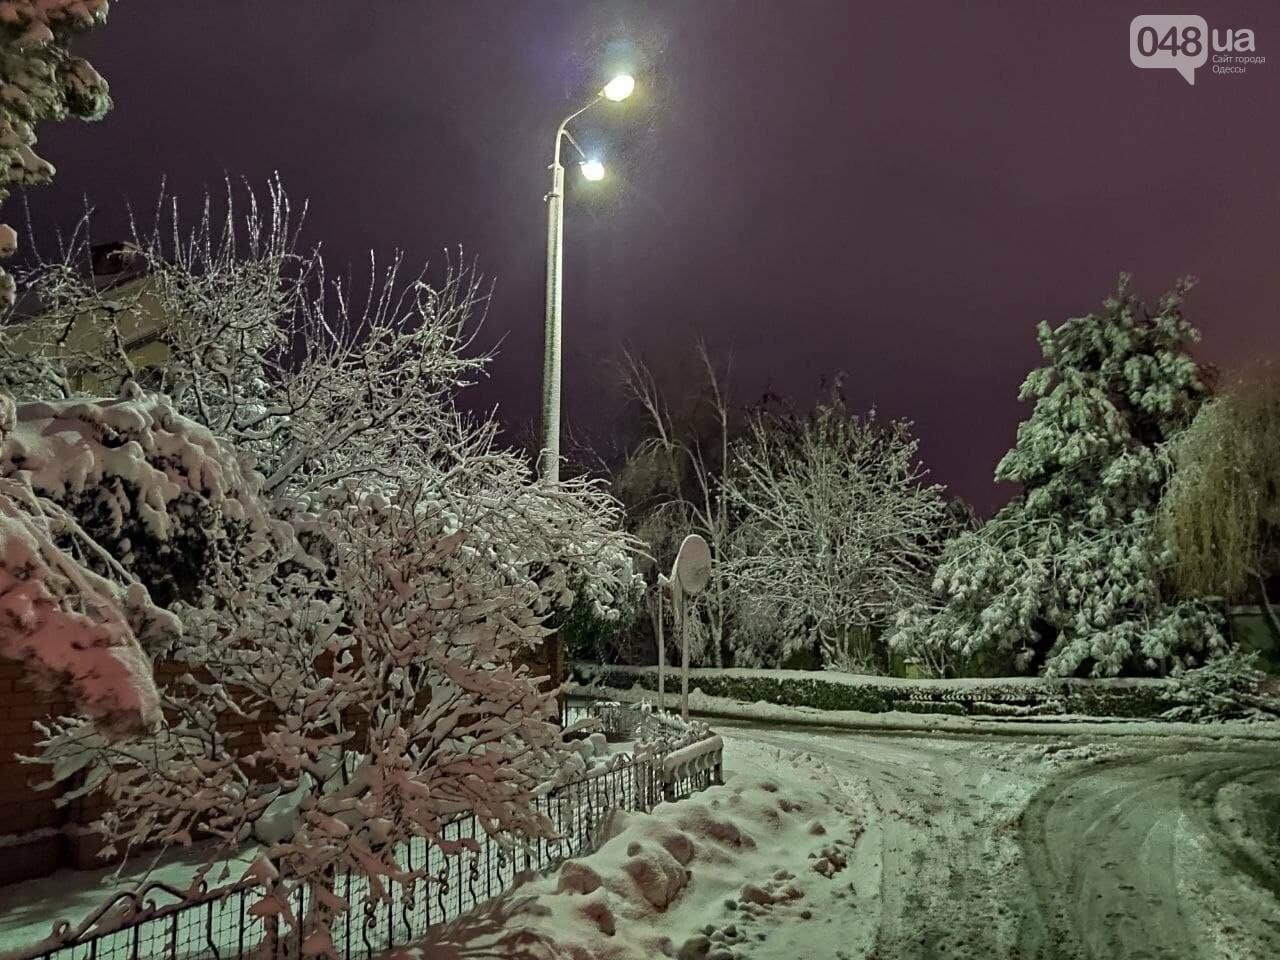 Зимняя сказка на одесской Рублевке: как выглядит Совиньон в снегу, - ФОТОРЕПОРТАЖ, фото-15